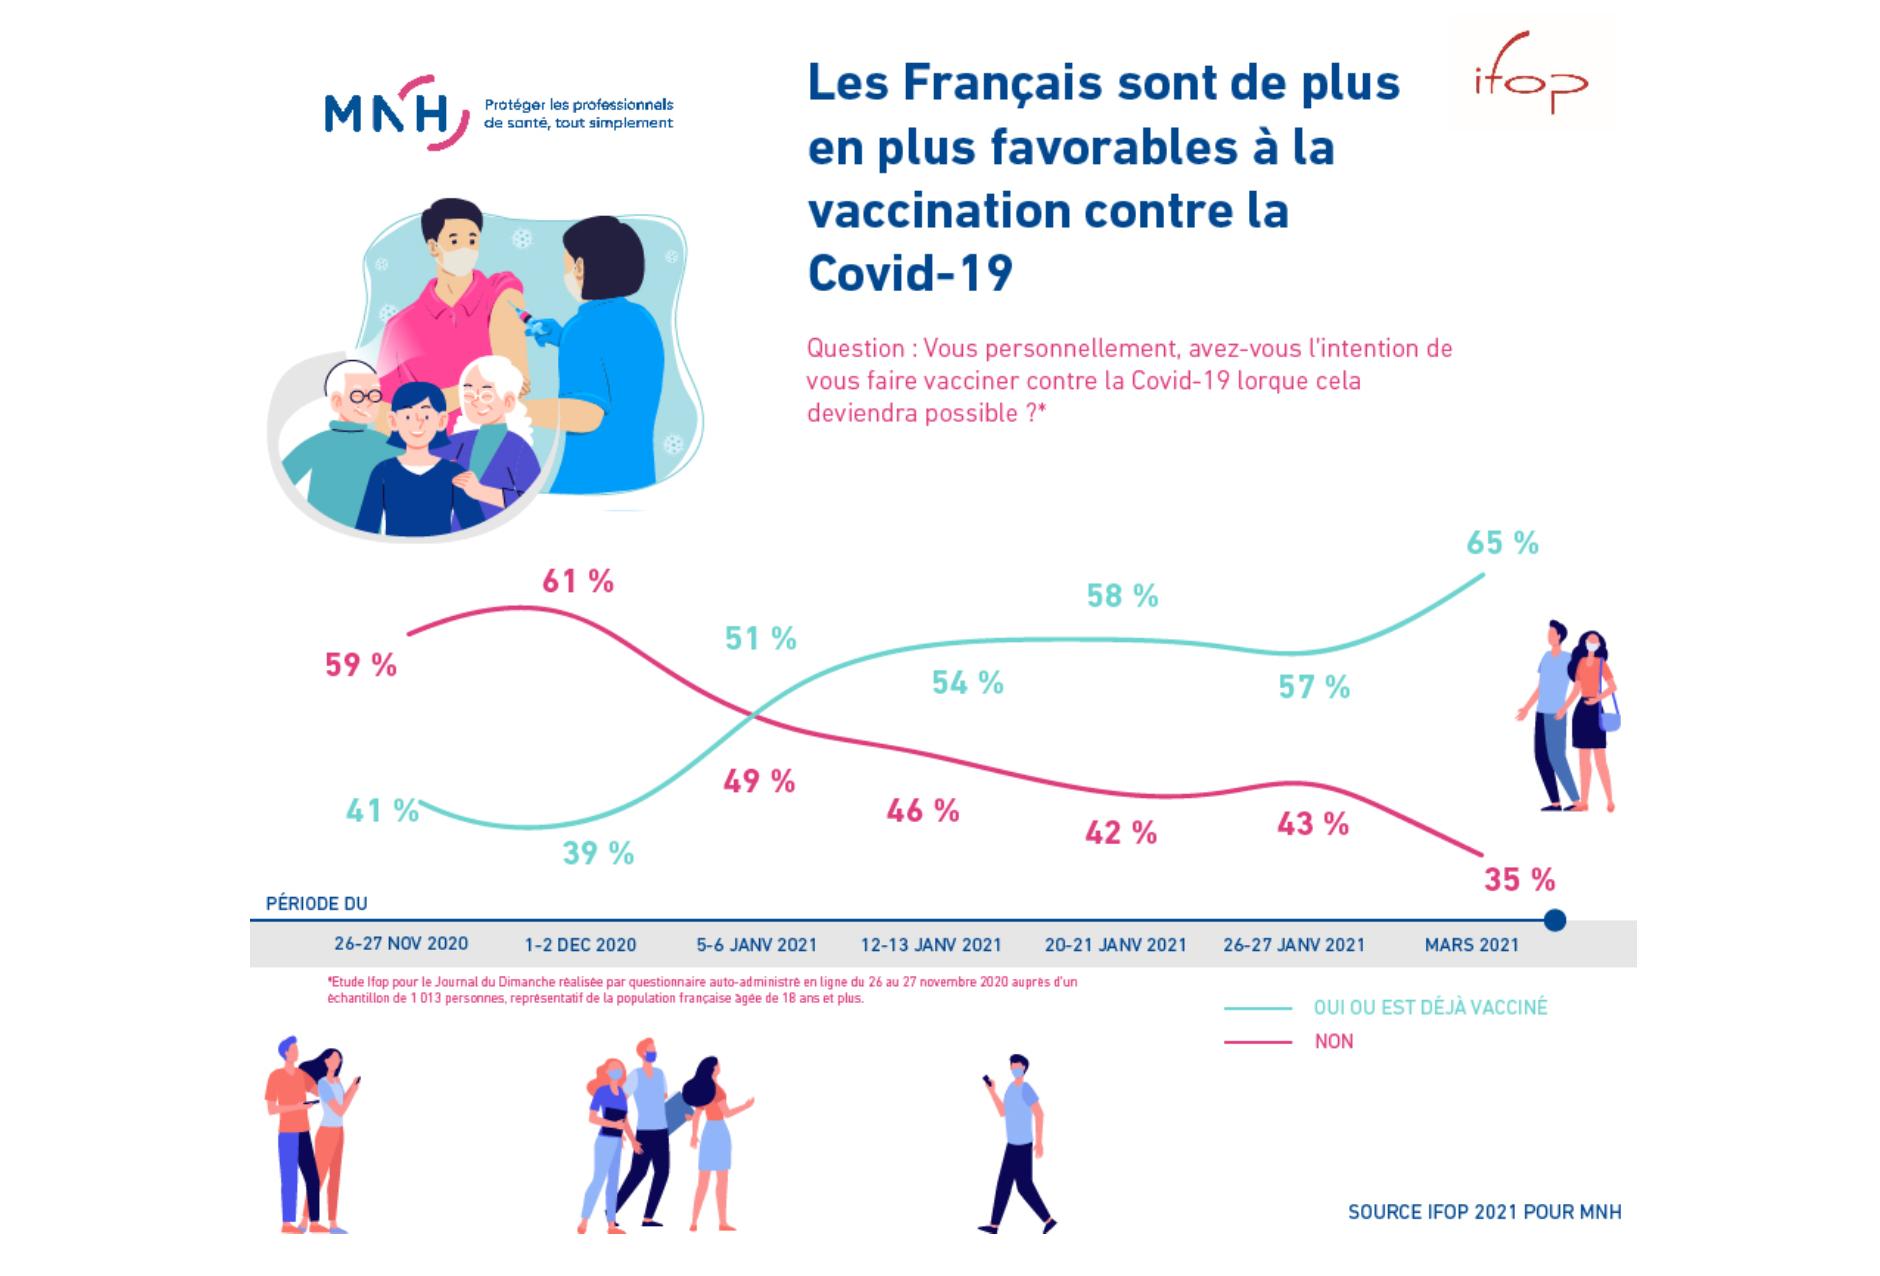 Étude IFOP / MNH : les Français sont de plus en plus enclins à la vaccination contre le Covid-19, les professionnels hospitaliers aussi